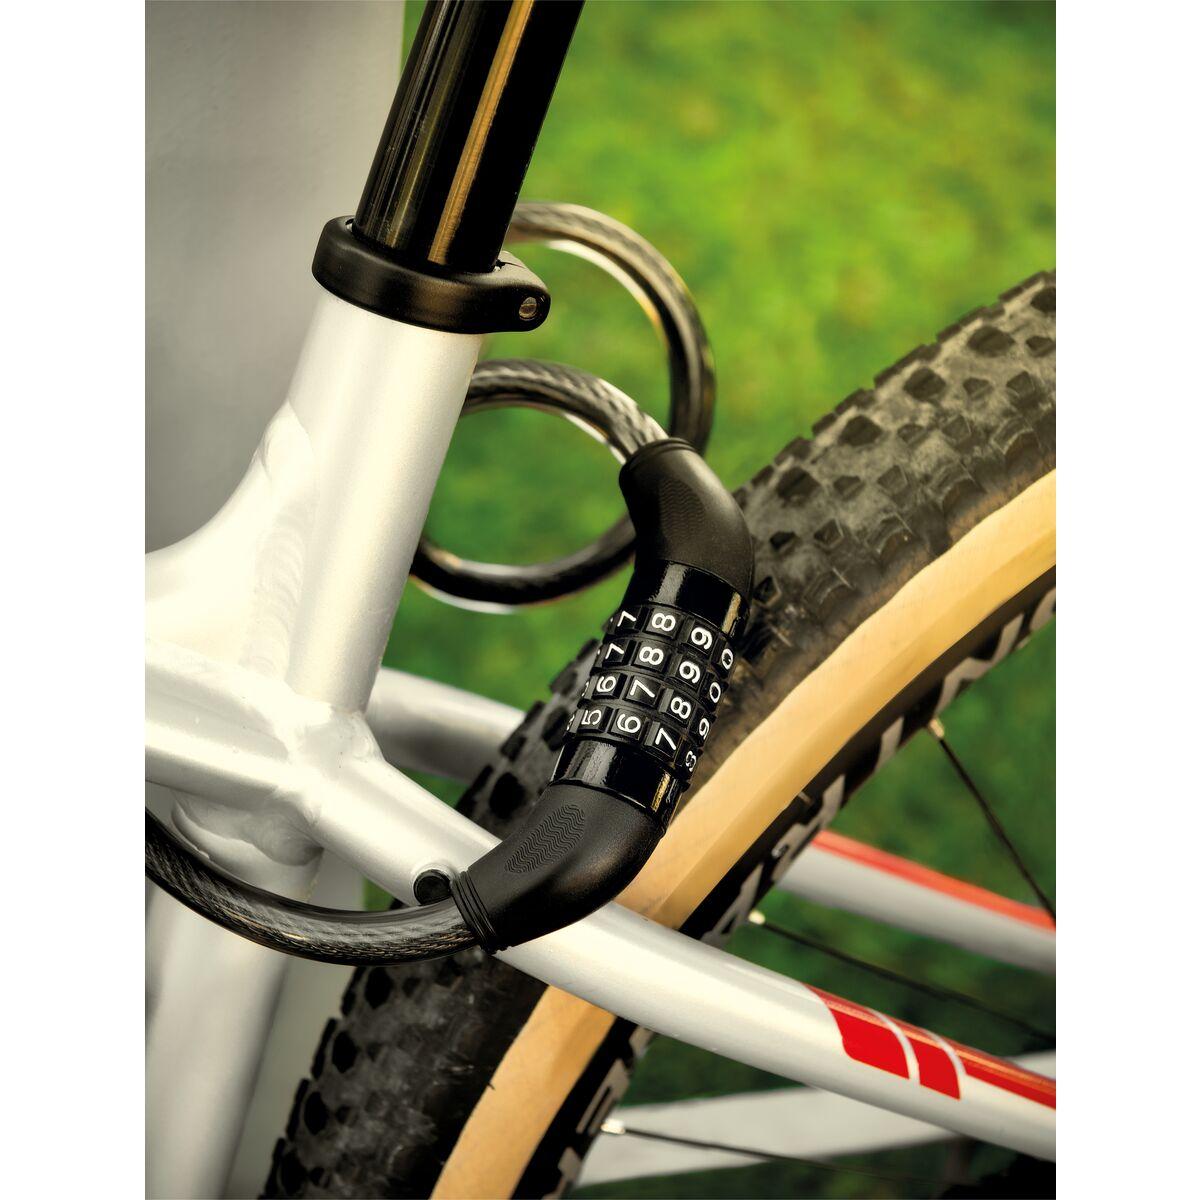 Cadeado para Bicicleta Antifurto com Segredo - Tramontina